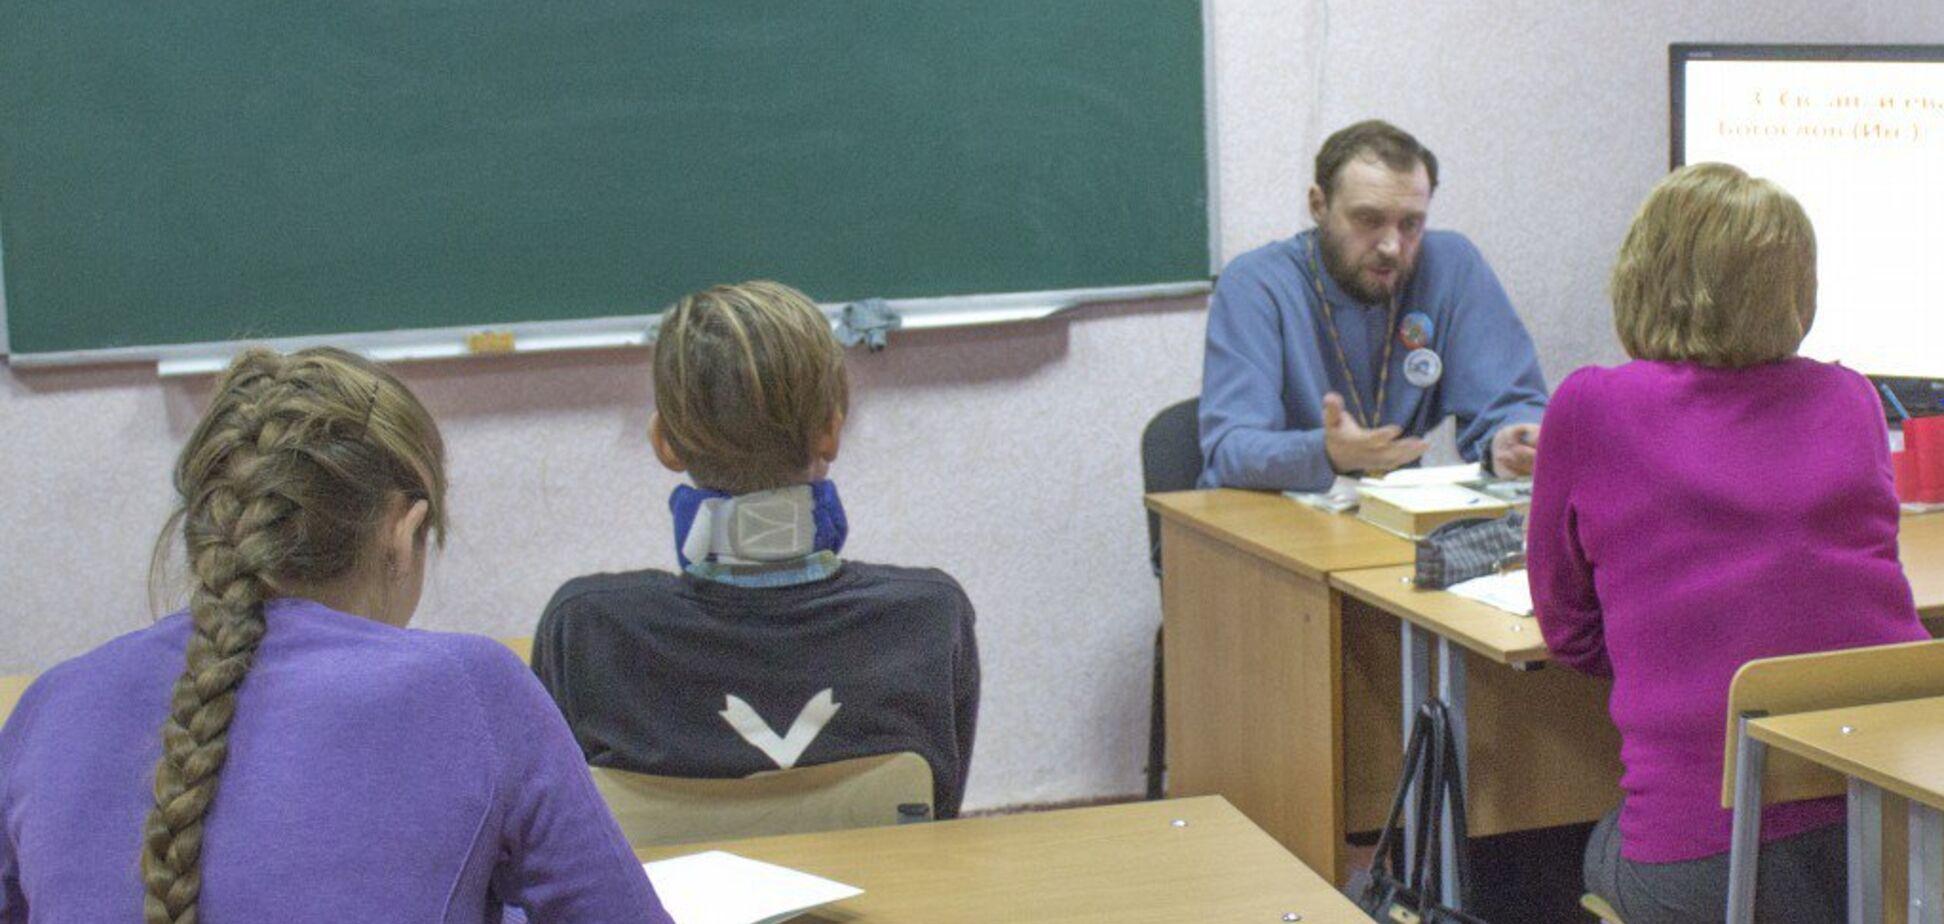 ''Нечисть повилазила назовні'': в окупованому Луганську забили на сполох через нововведення в школах